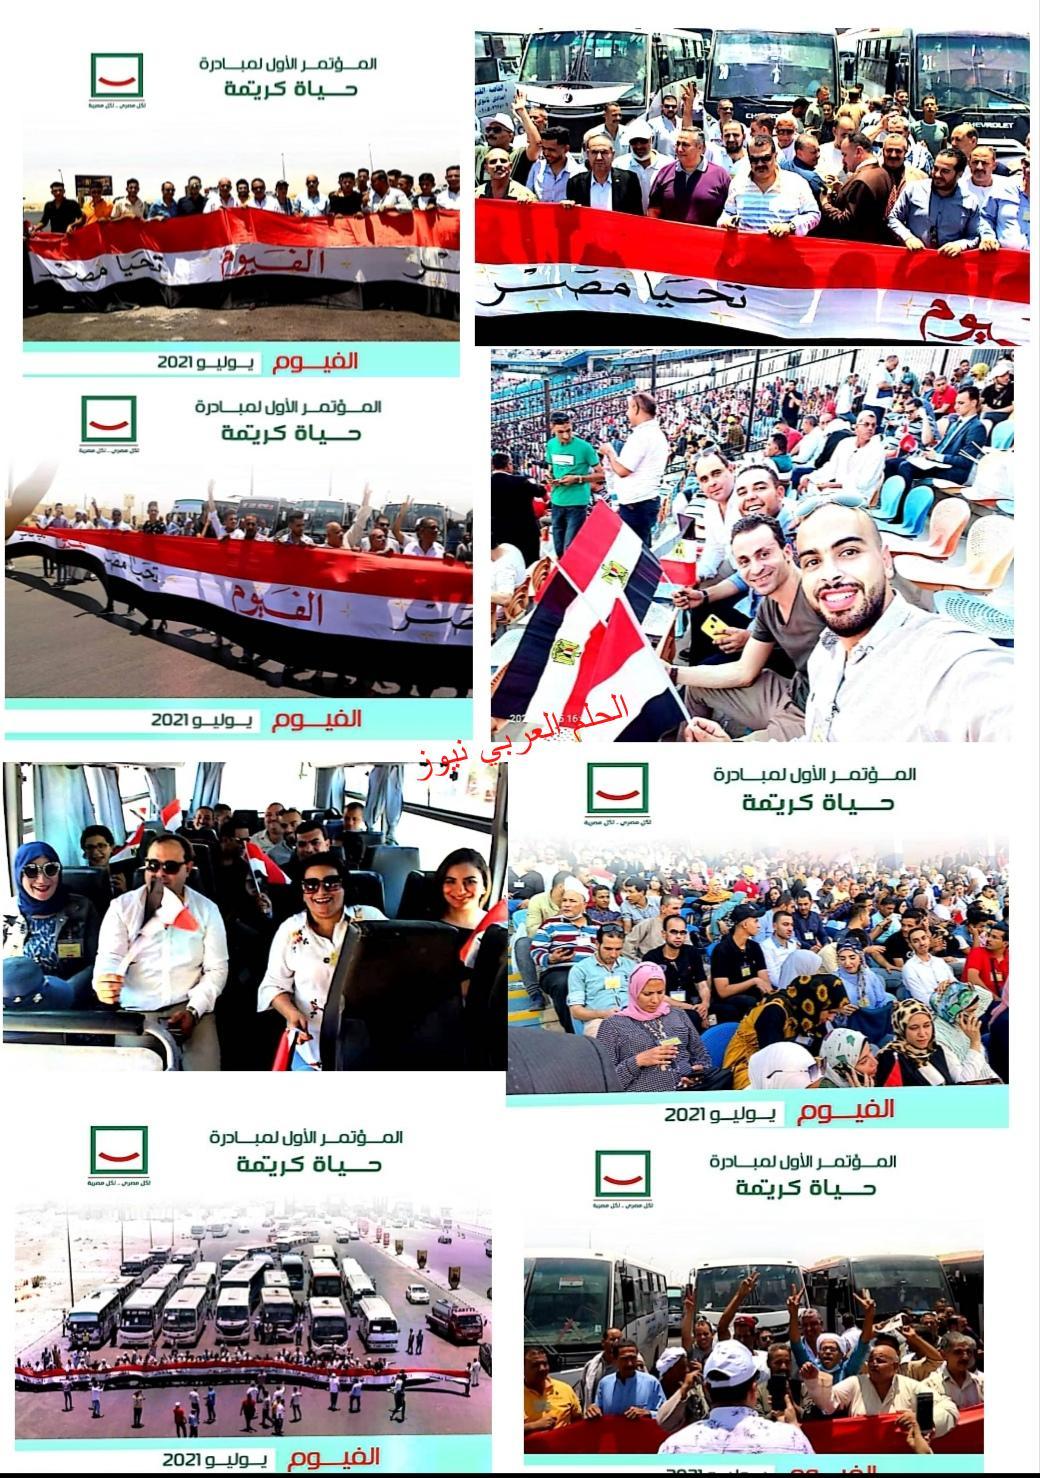 أمانة الفيوم بحزب مستقبل وطن تشارك بالمؤتمر الأول للمشروع القومي حياة كريمة